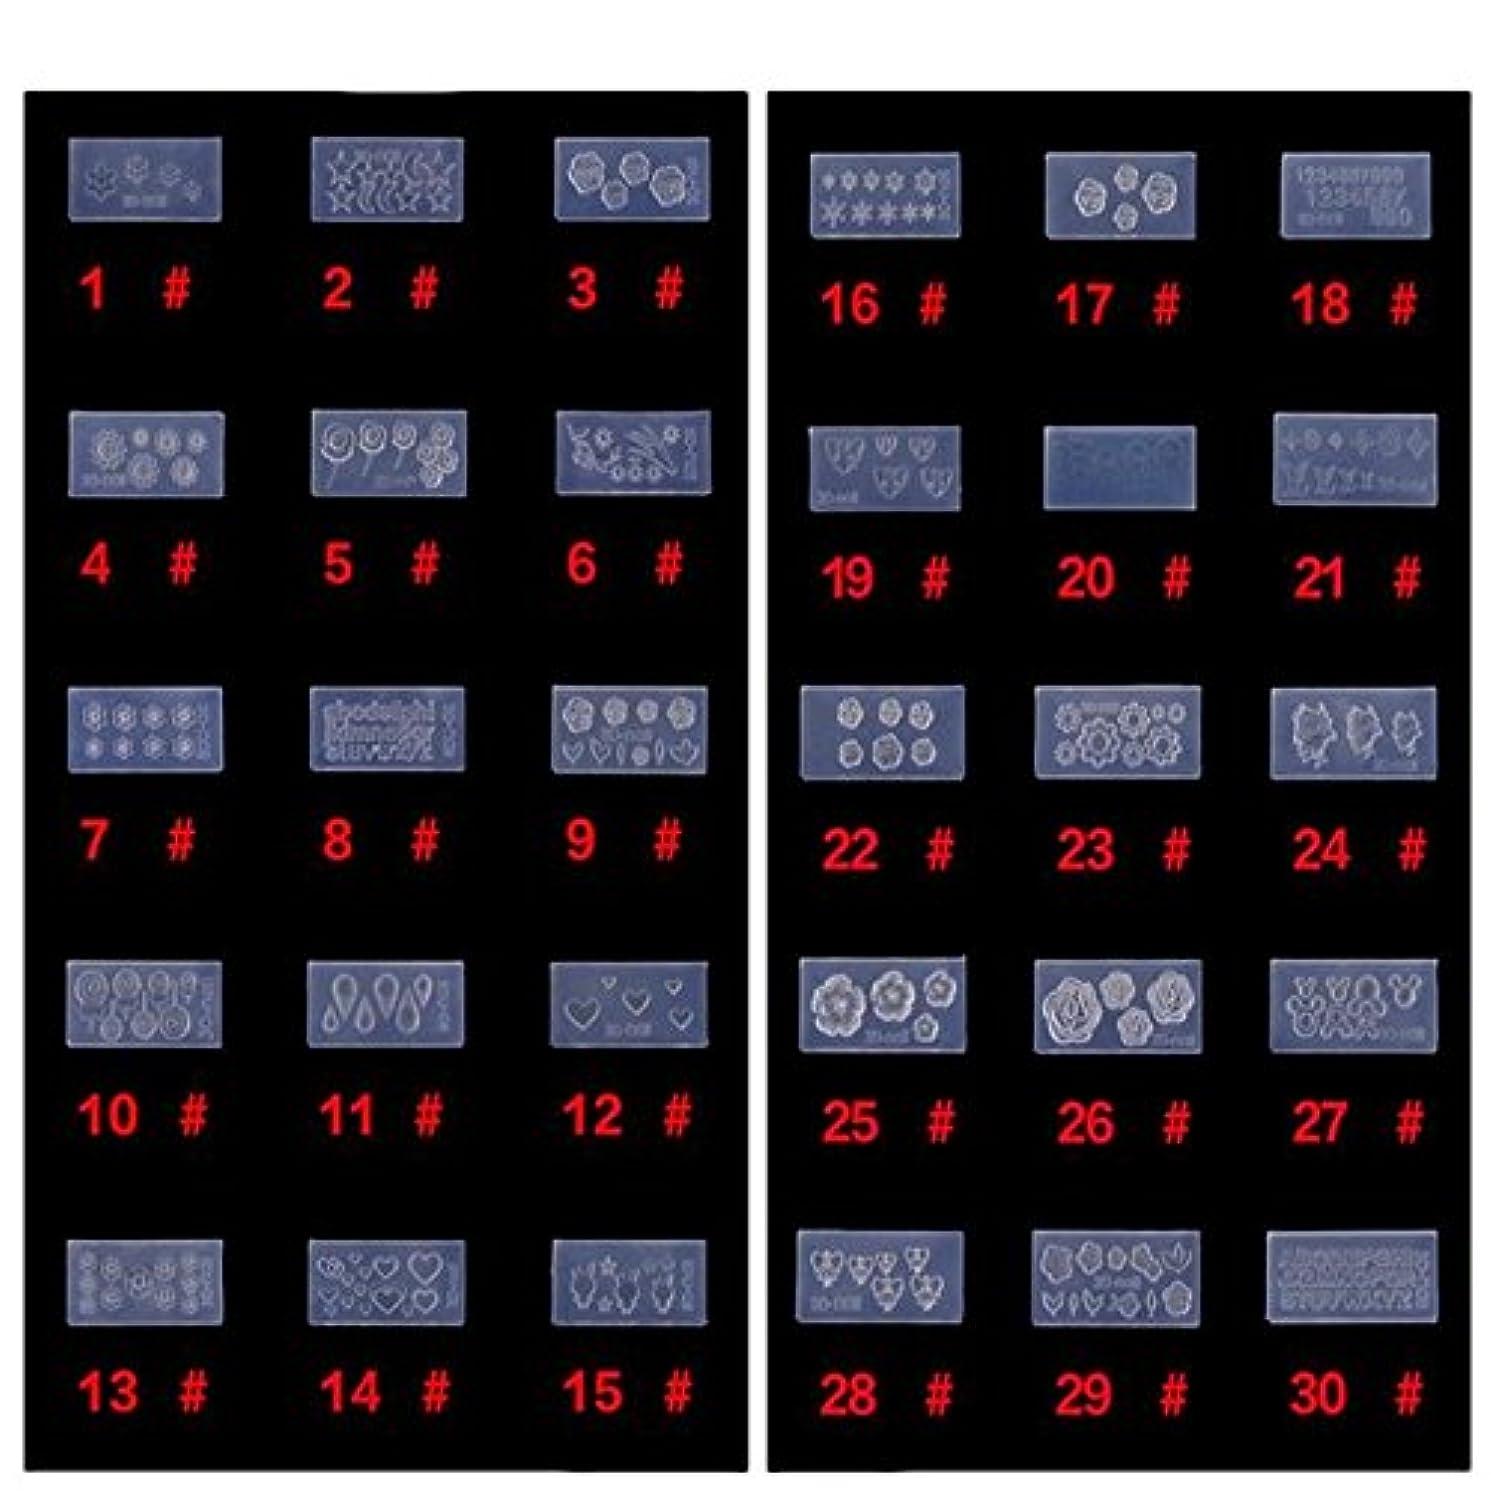 チーズ祭り支援するシリコン モールド 3D ネイル用 アートデコ まとめて30個 ランダムセット レジン 道具 型 型どり